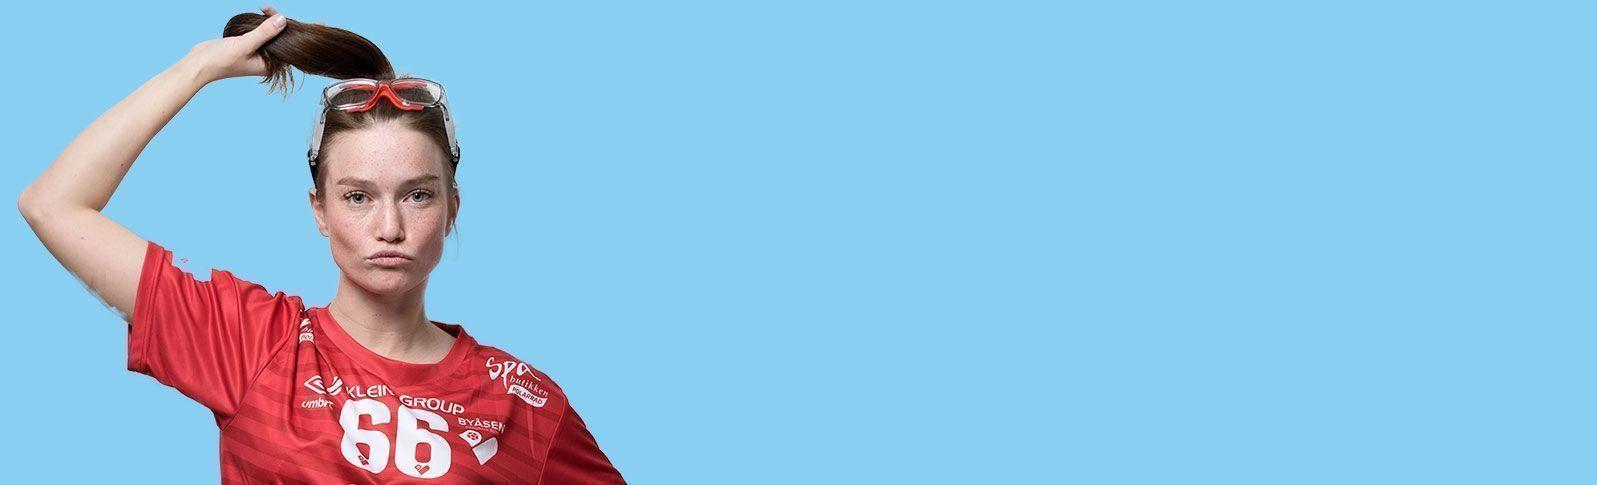 jente med basketbriller og rød sportstrøye